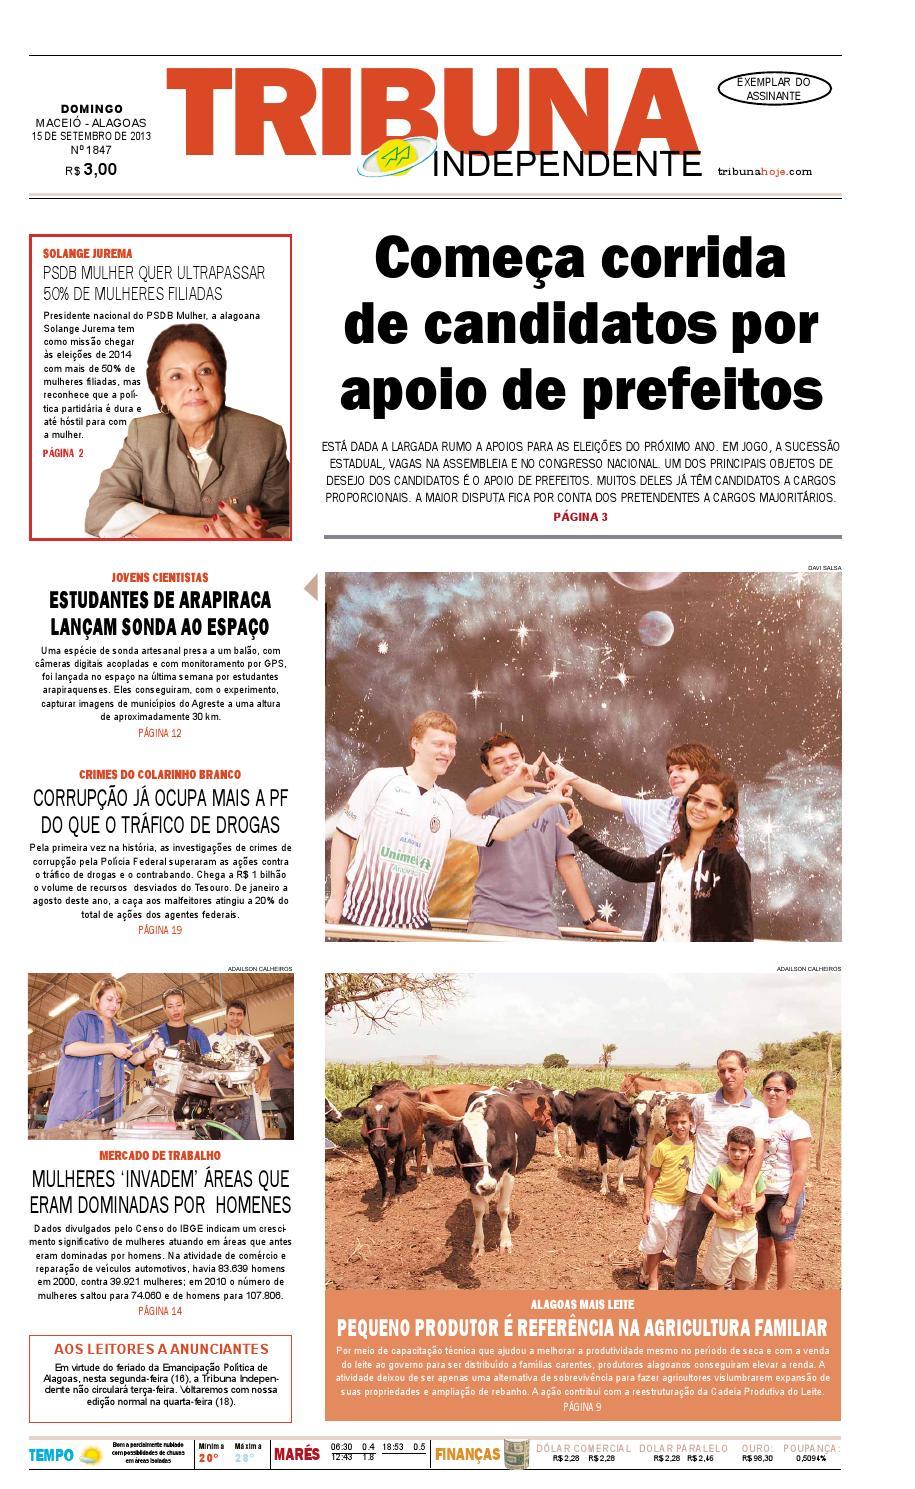 901c4b3e54c Edição número 1847 - 15 de setembro de 2013 by Tribuna Hoje - issuu